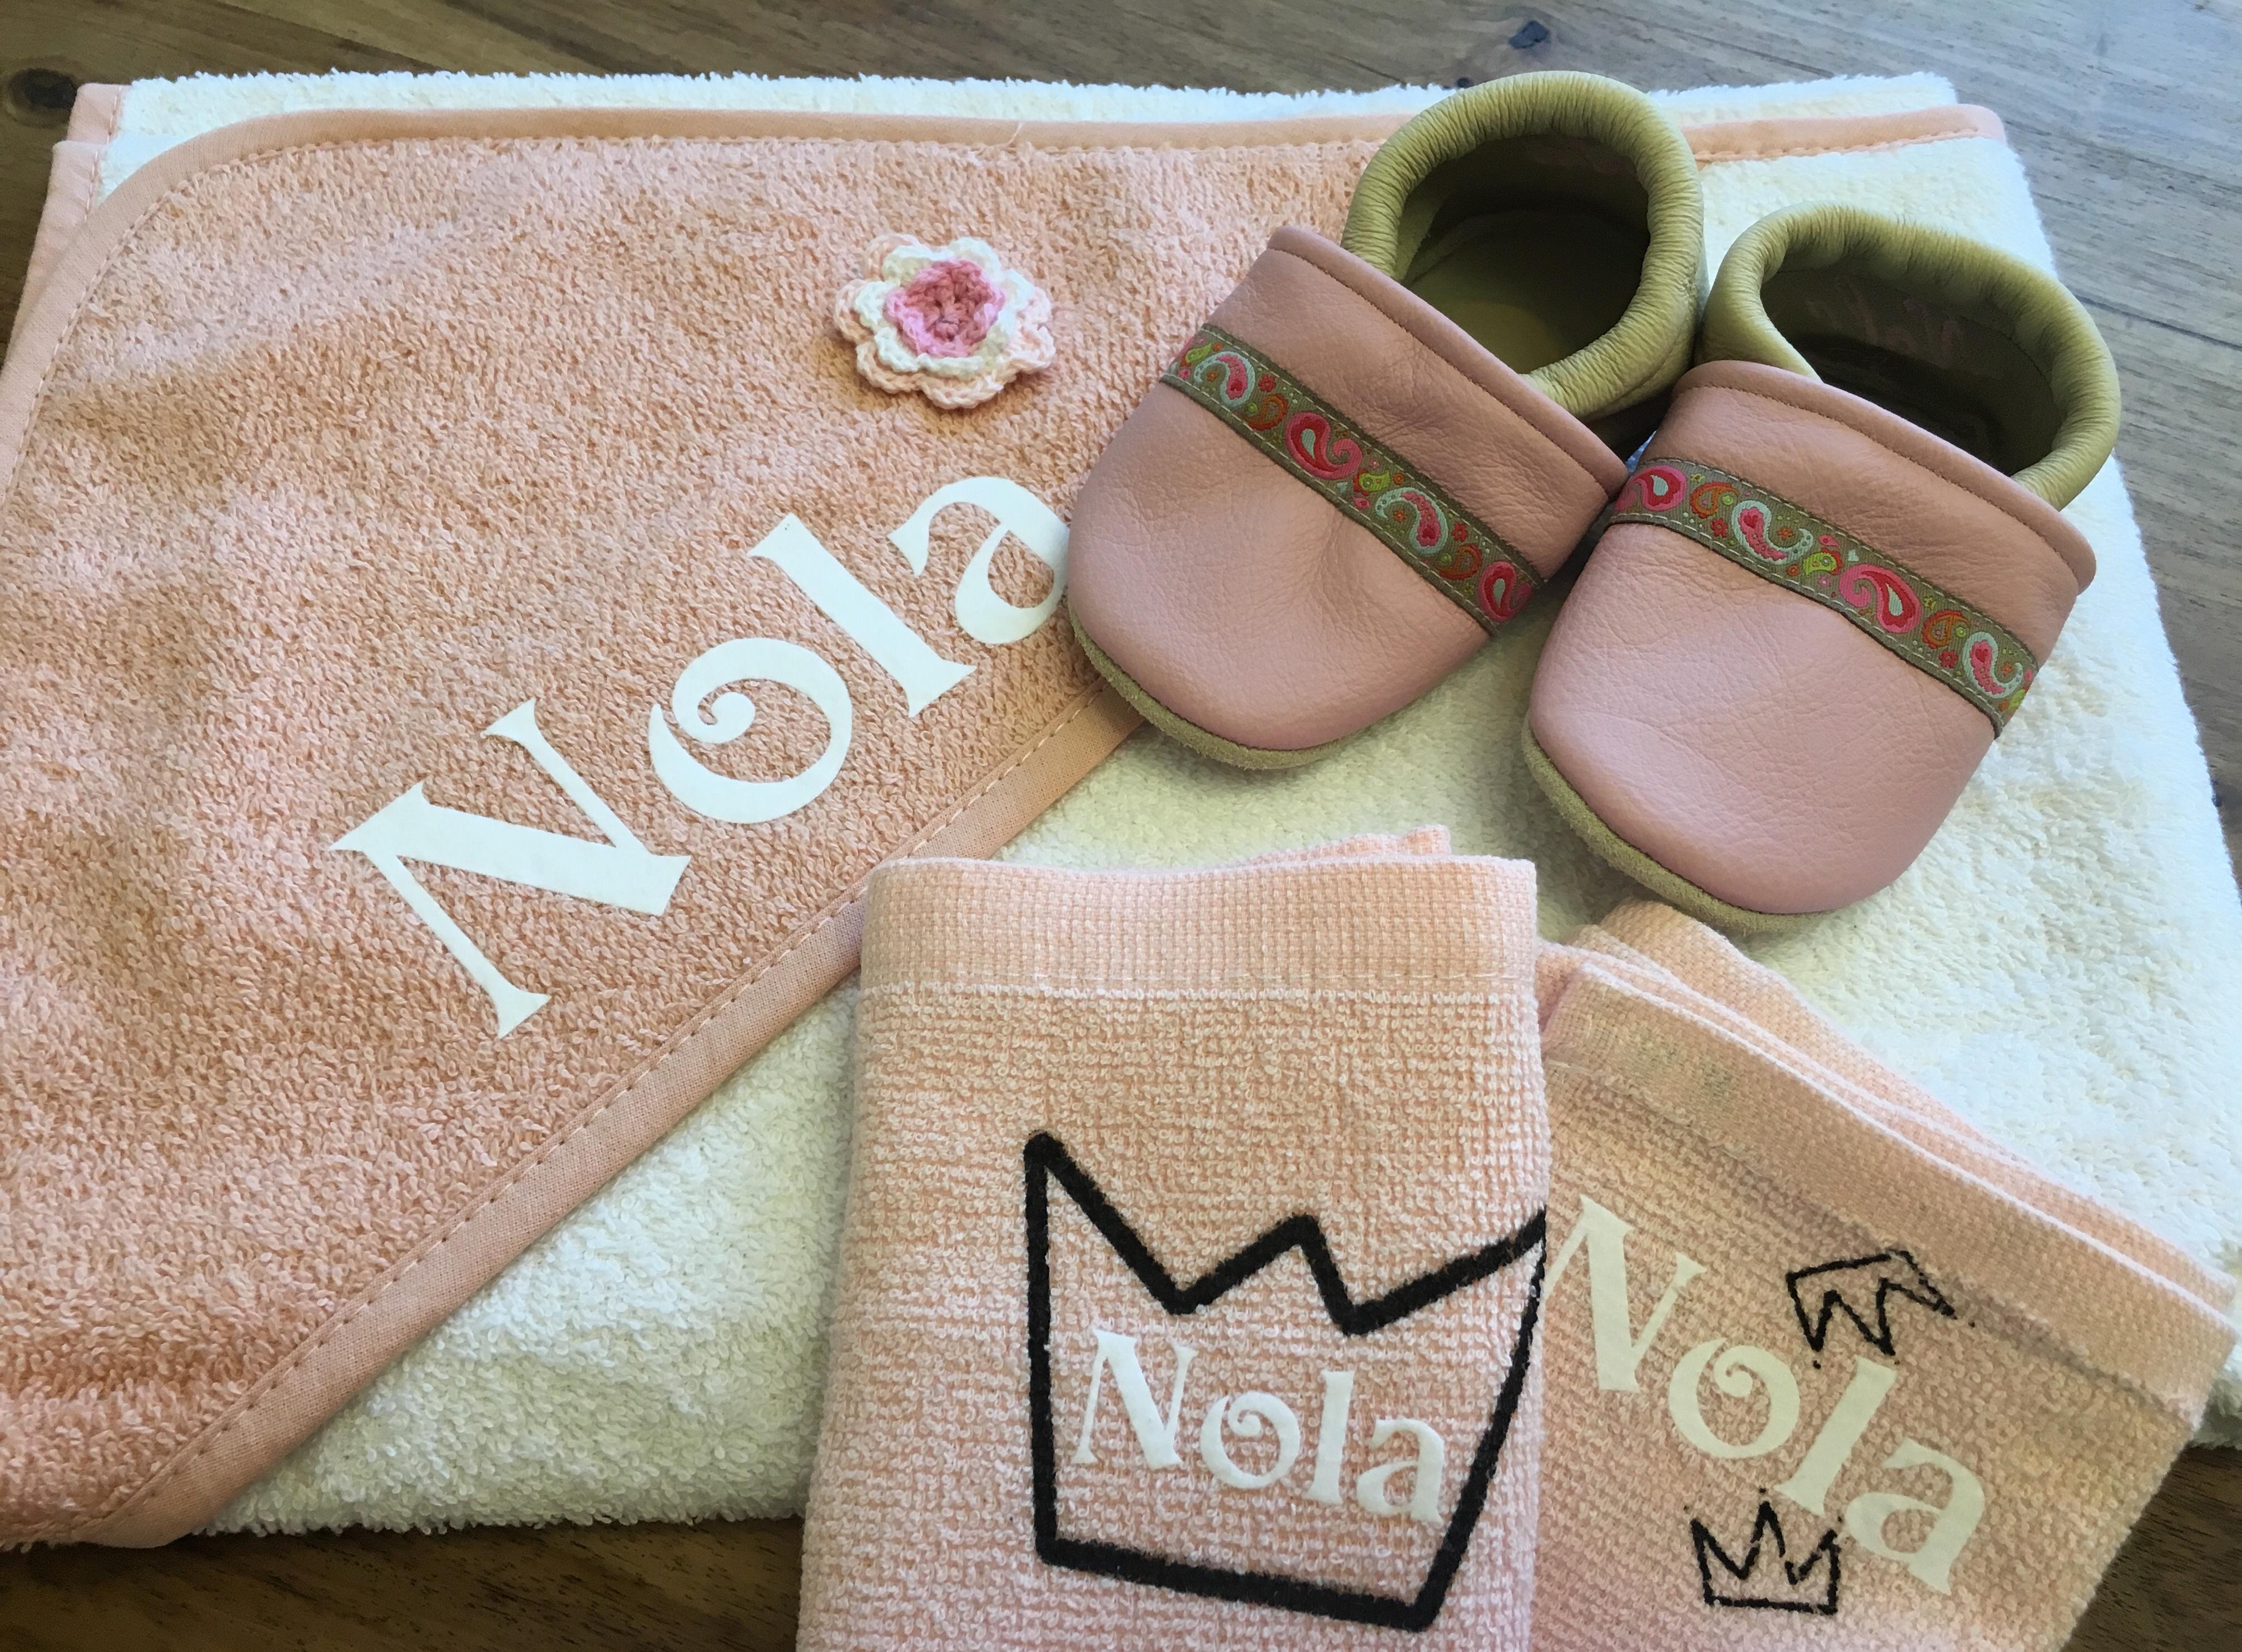 Babypaket Handtuch Spucktücher Puschen